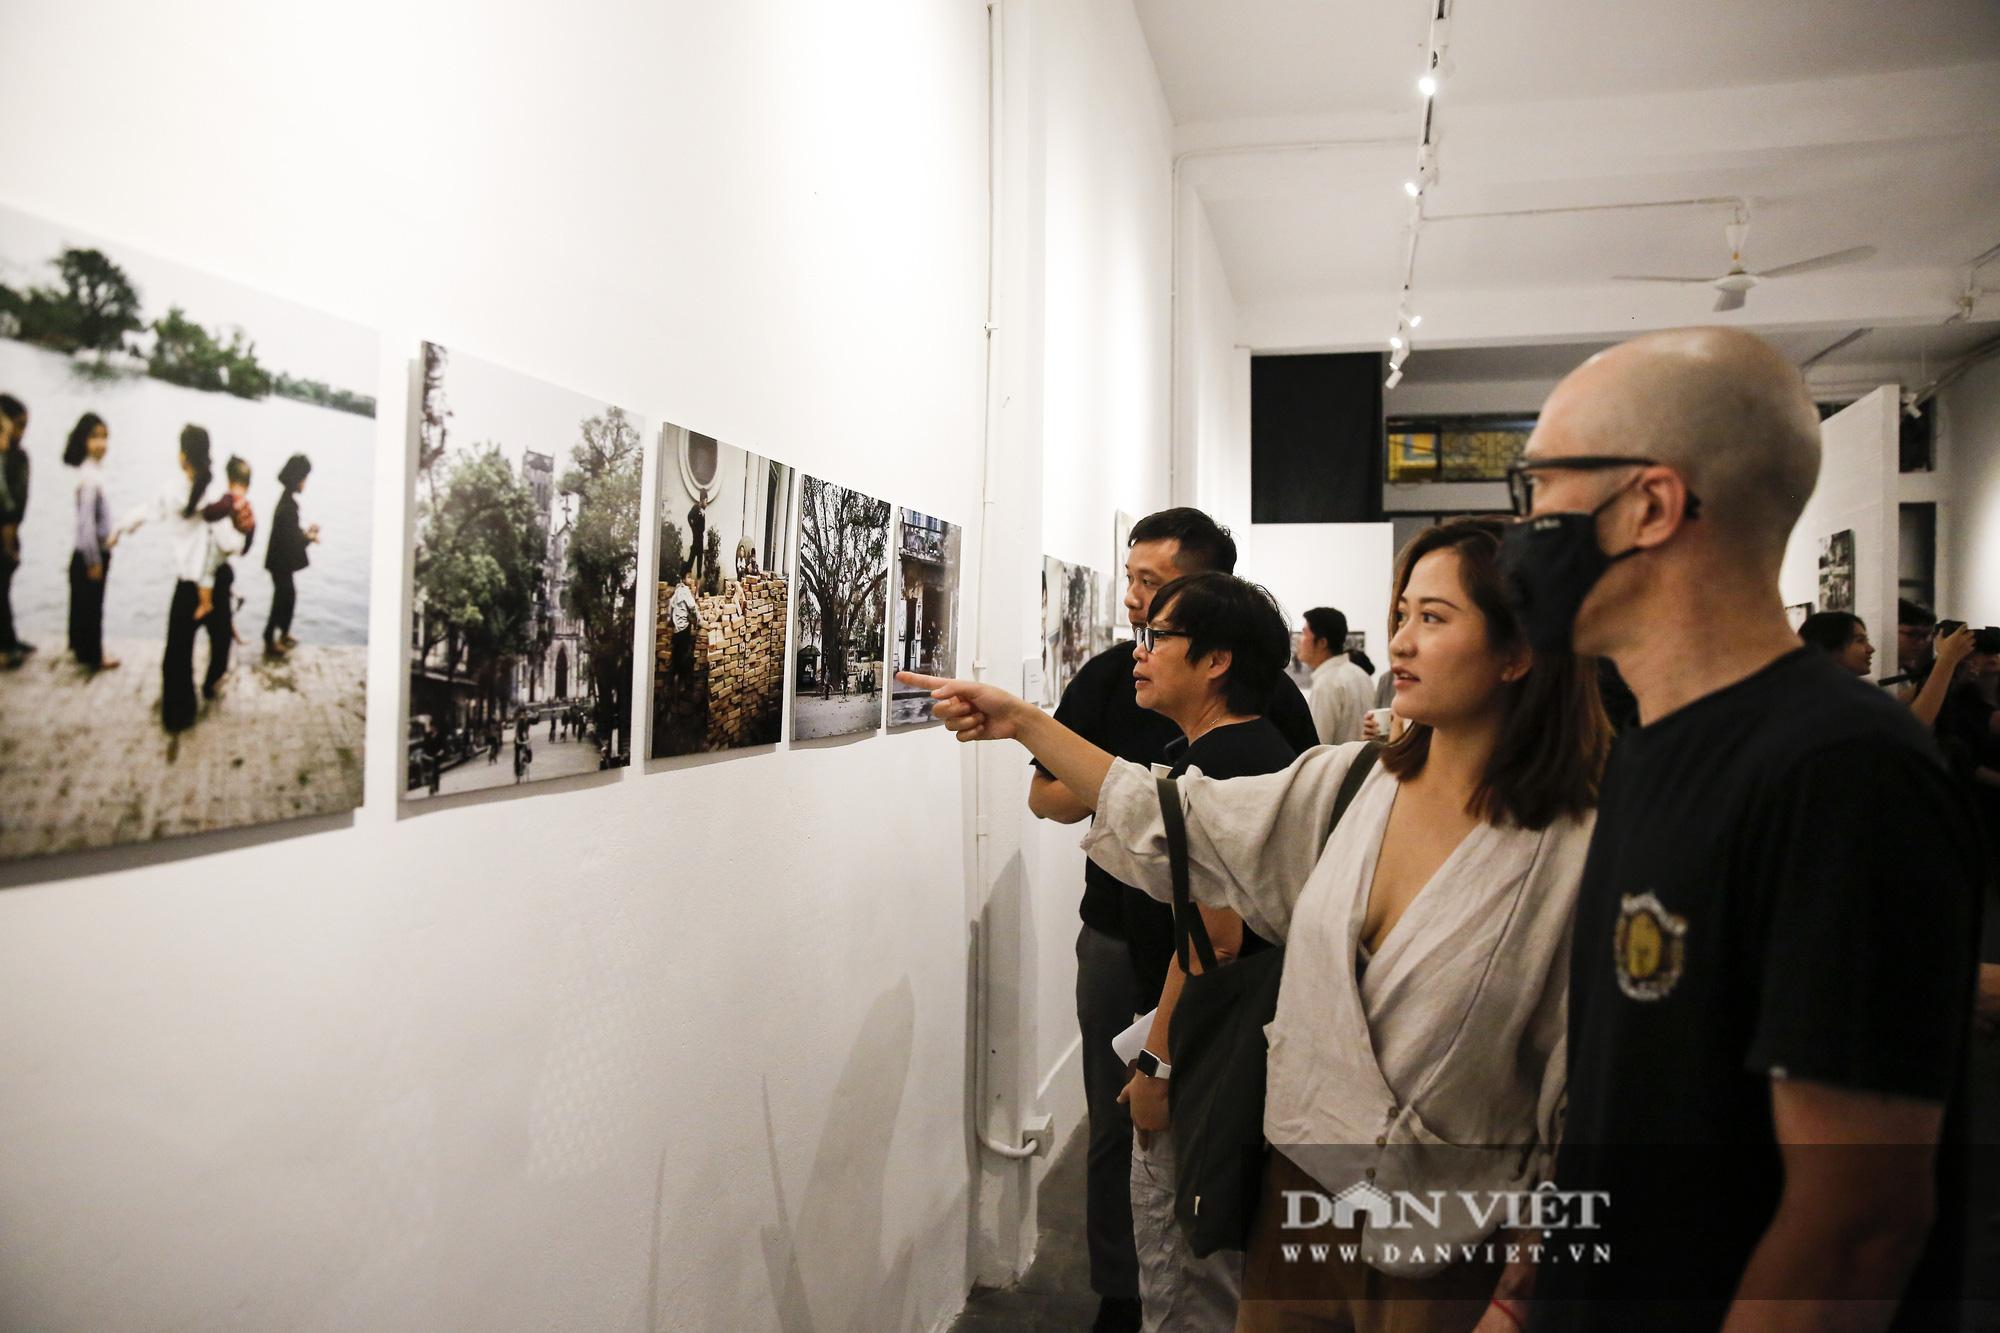 Đại sứ Đức tại Việt Nam tham dự triển lãm ảnh đặc biệt về Hà Nội - Ảnh 8.